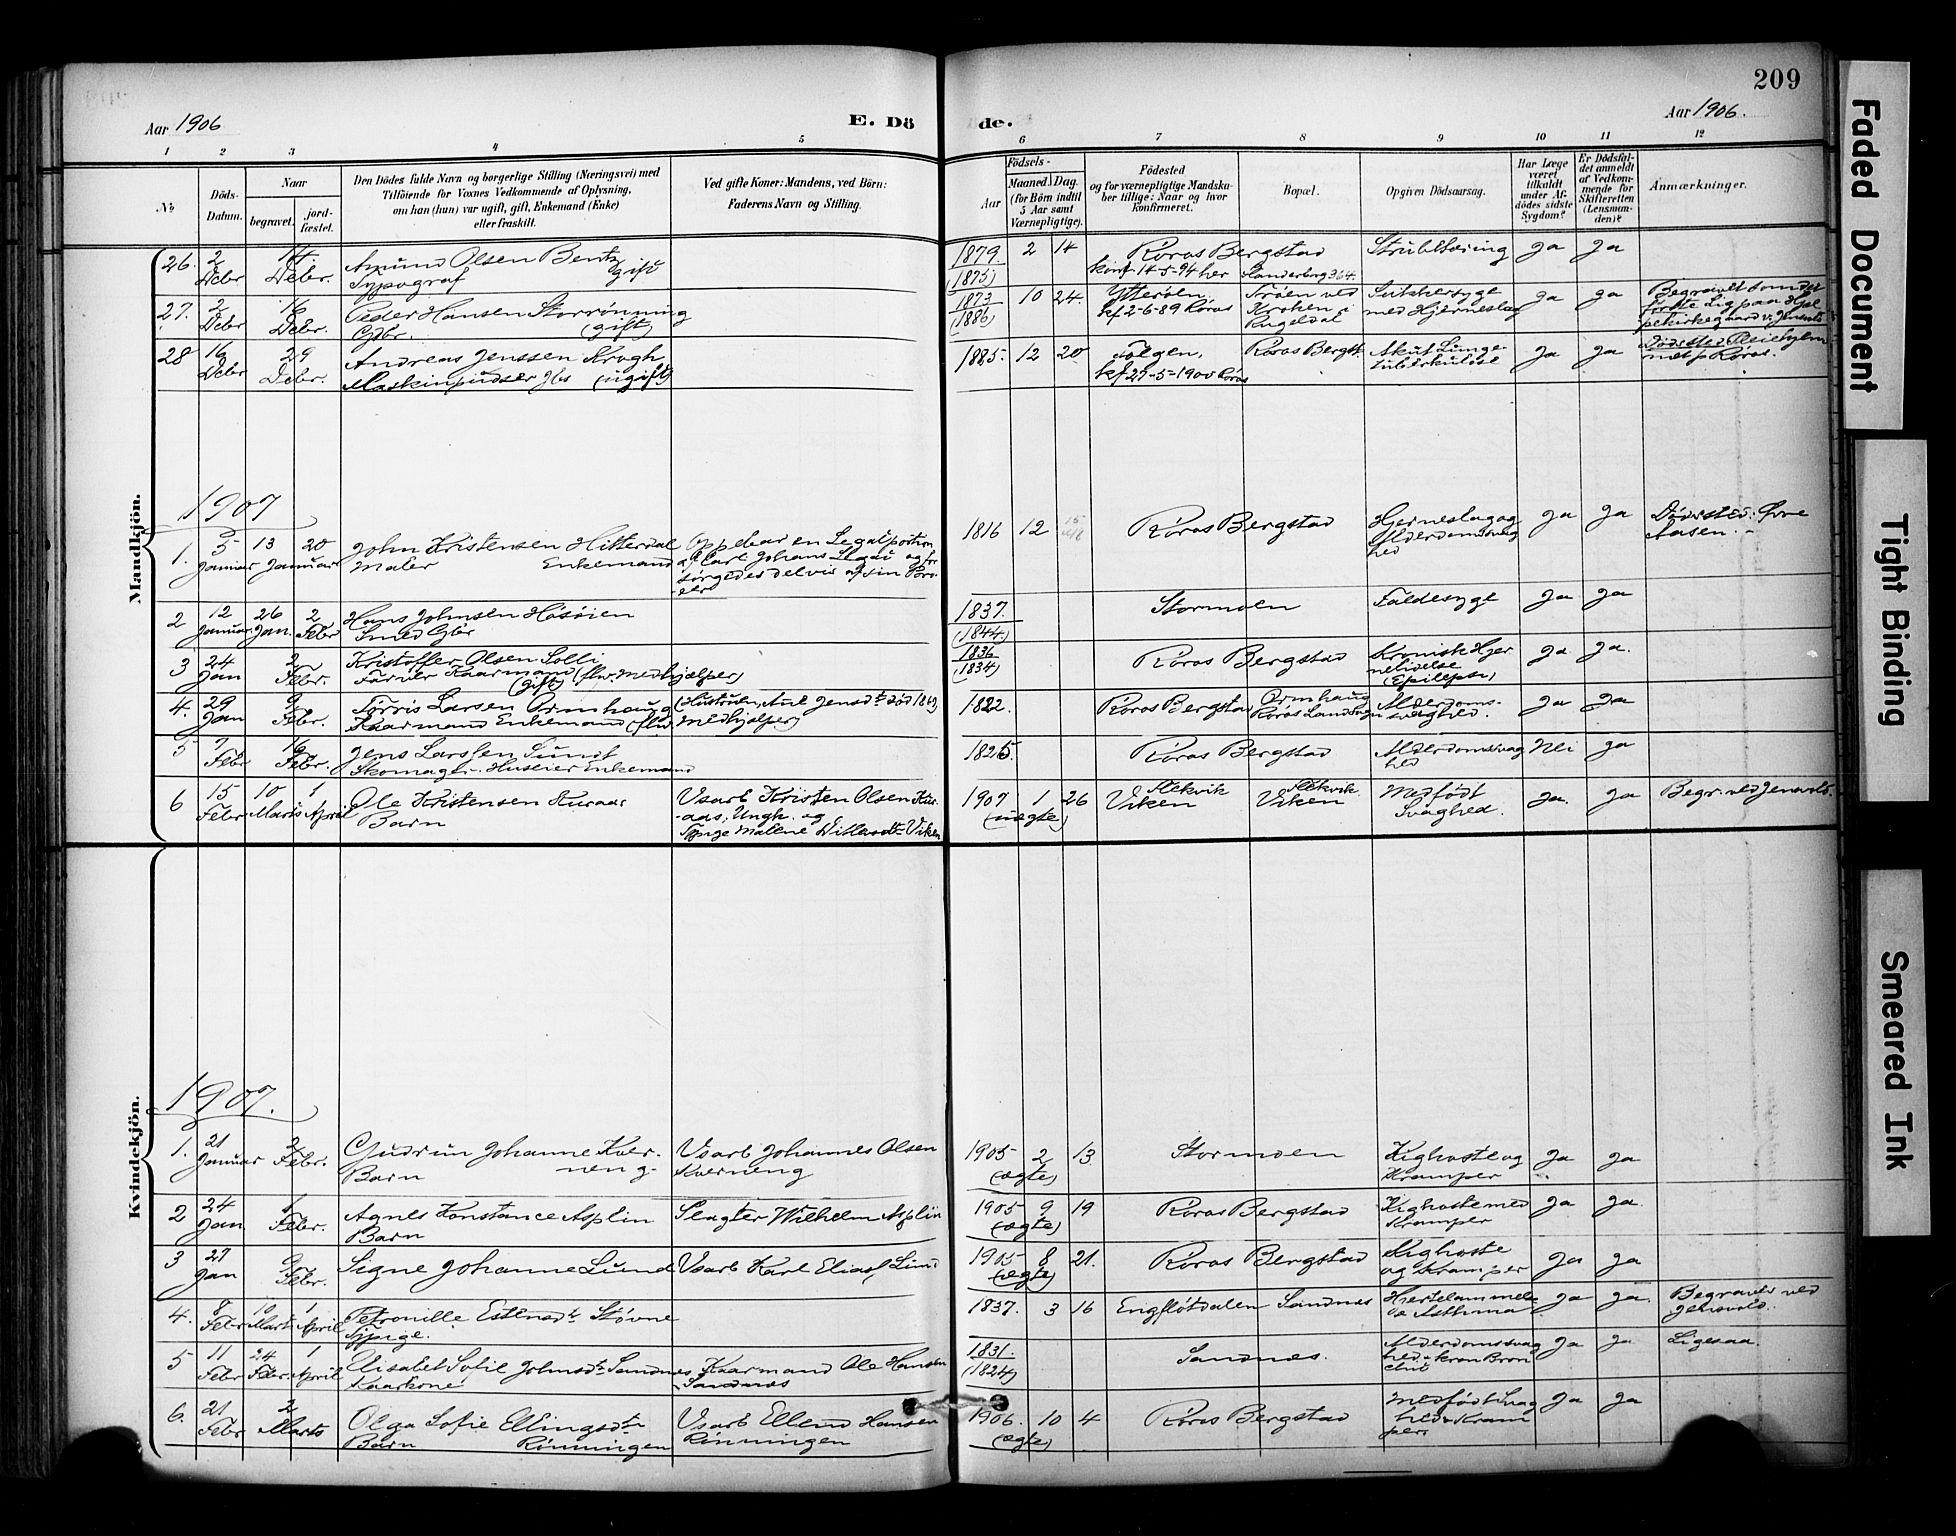 SAT, Ministerialprotokoller, klokkerbøker og fødselsregistre - Sør-Trøndelag, 681/L0936: Ministerialbok nr. 681A14, 1899-1908, s. 209